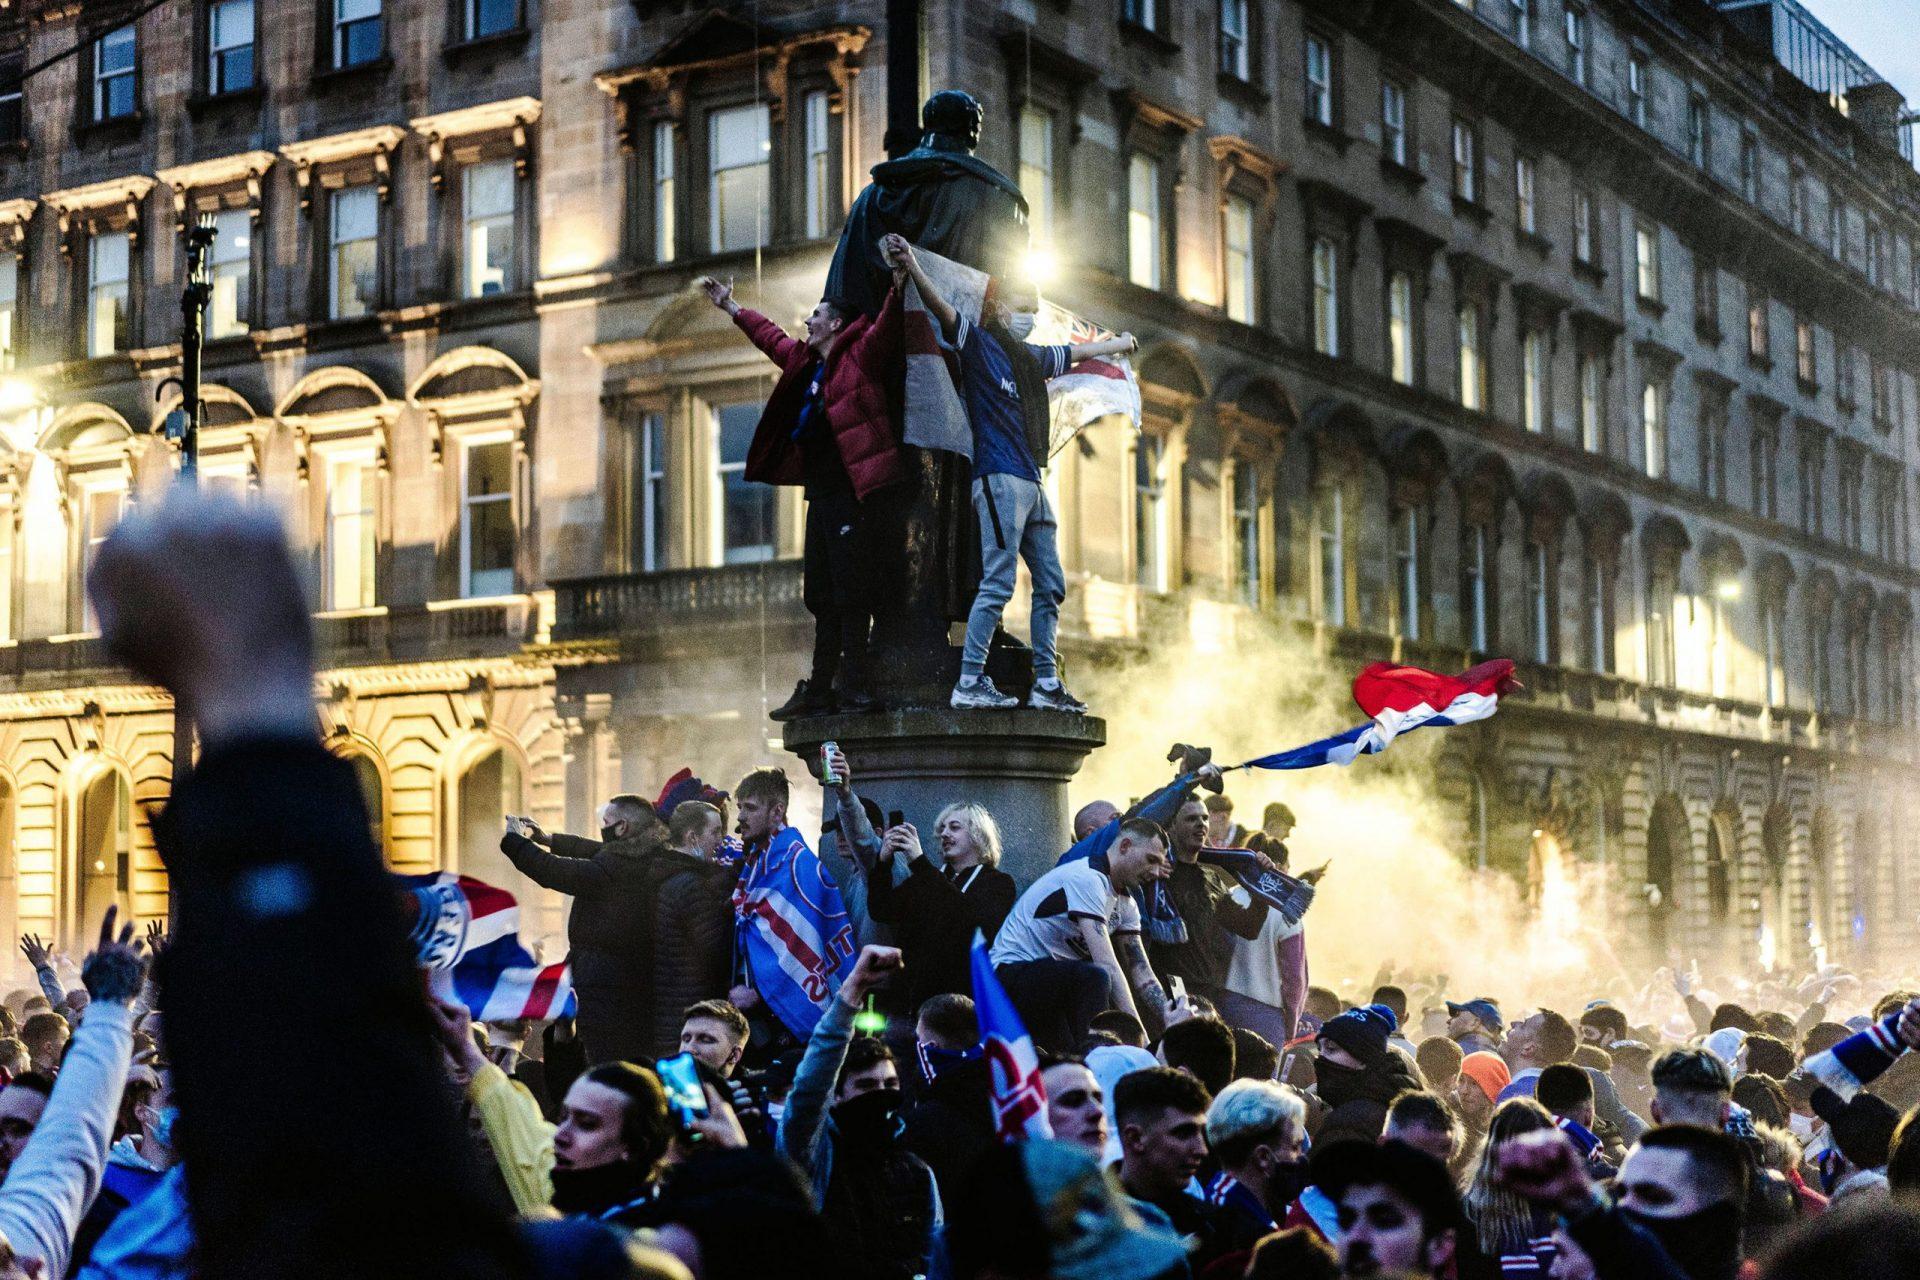 Glasgow Rangers fans celebrating 55th league title